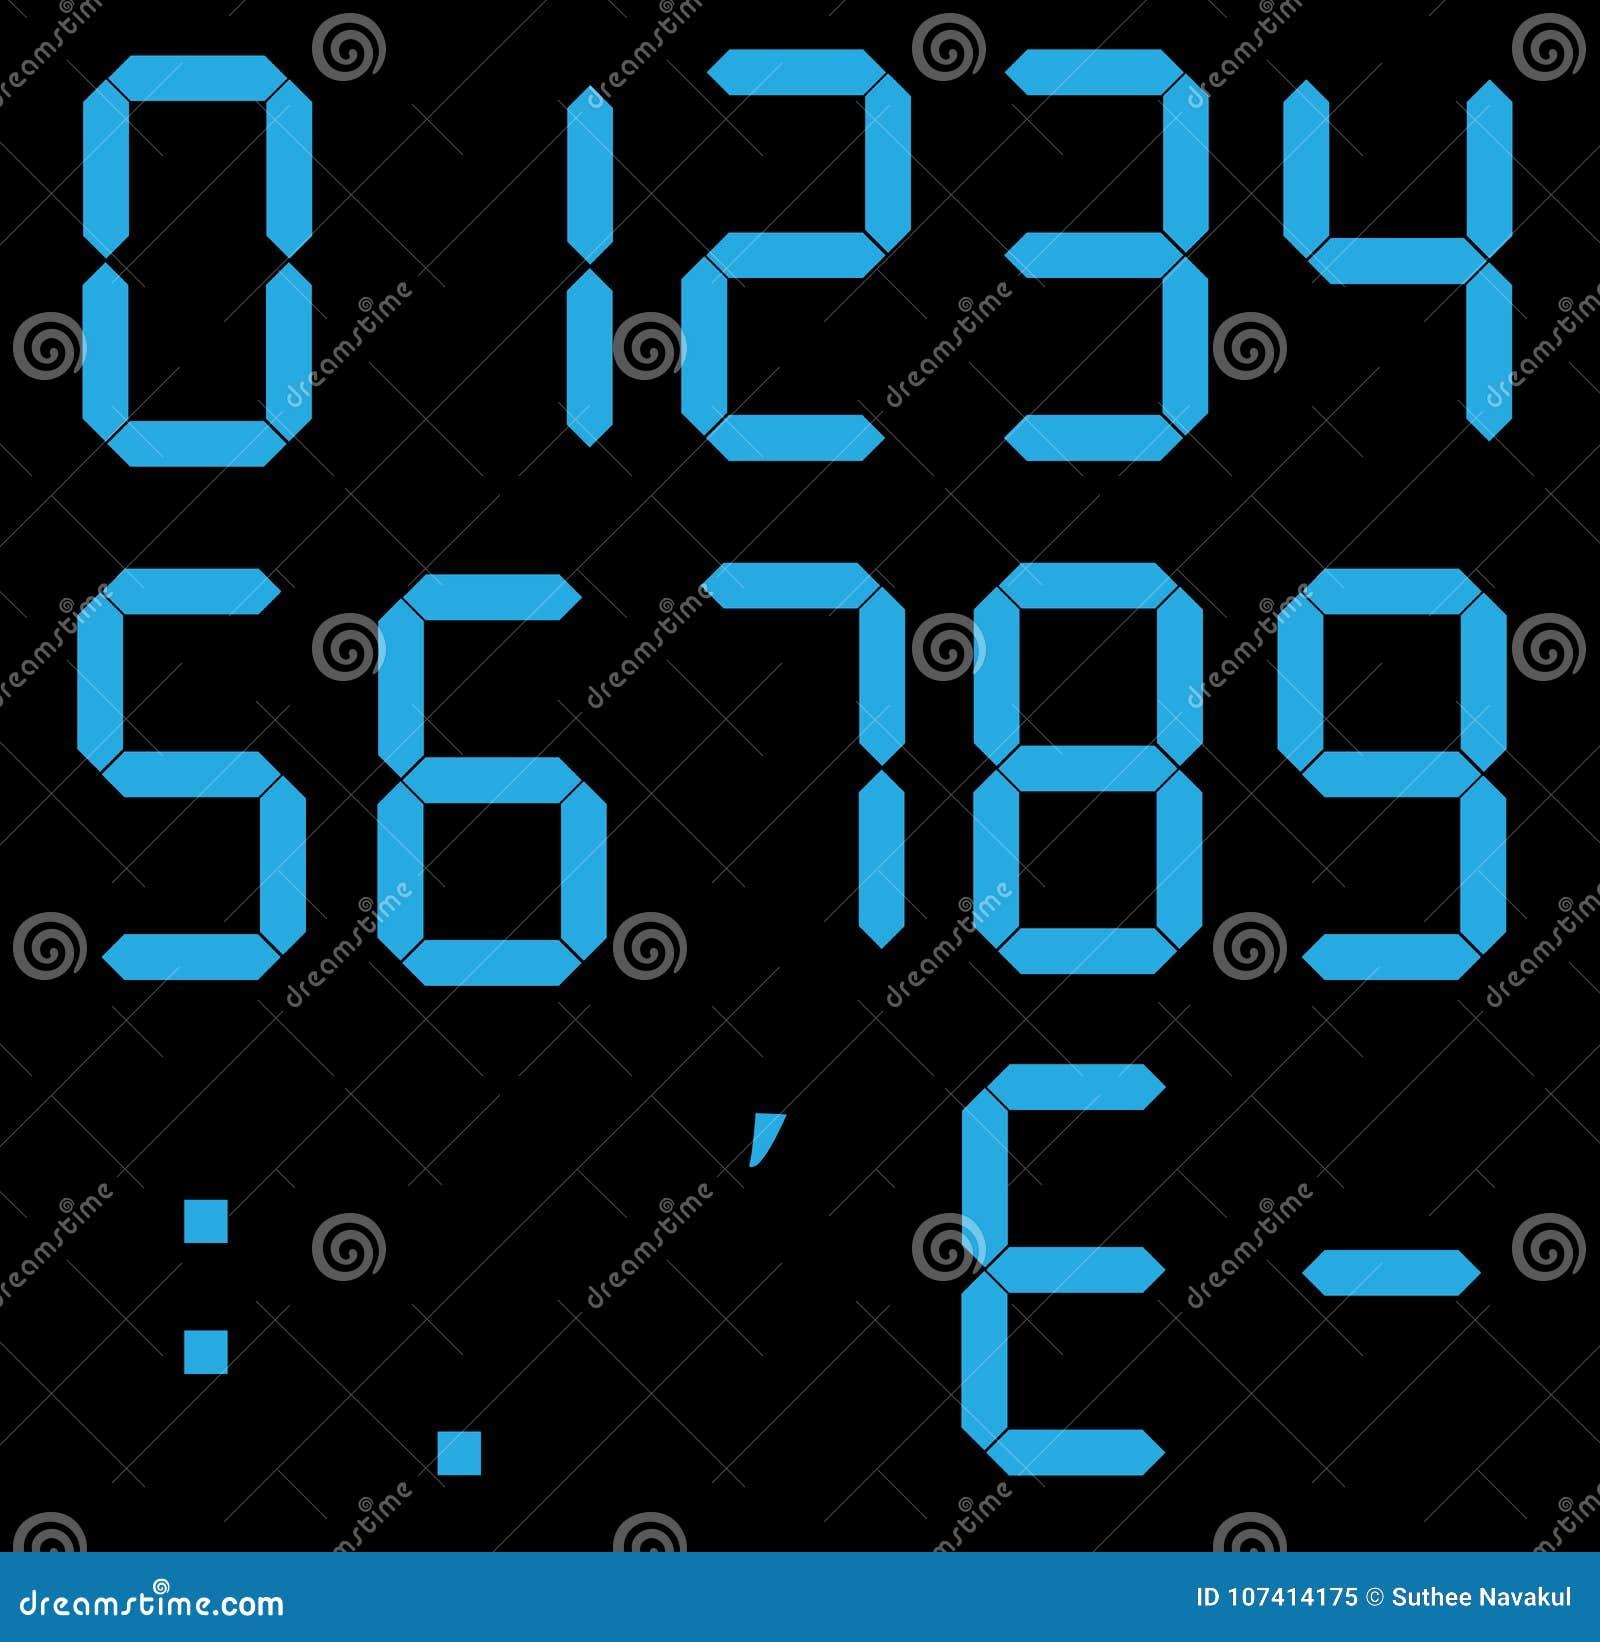 Σύνολο ψηφιακών αριθμών υπολογιστών Ηλεκτρονικοί αριθμοί